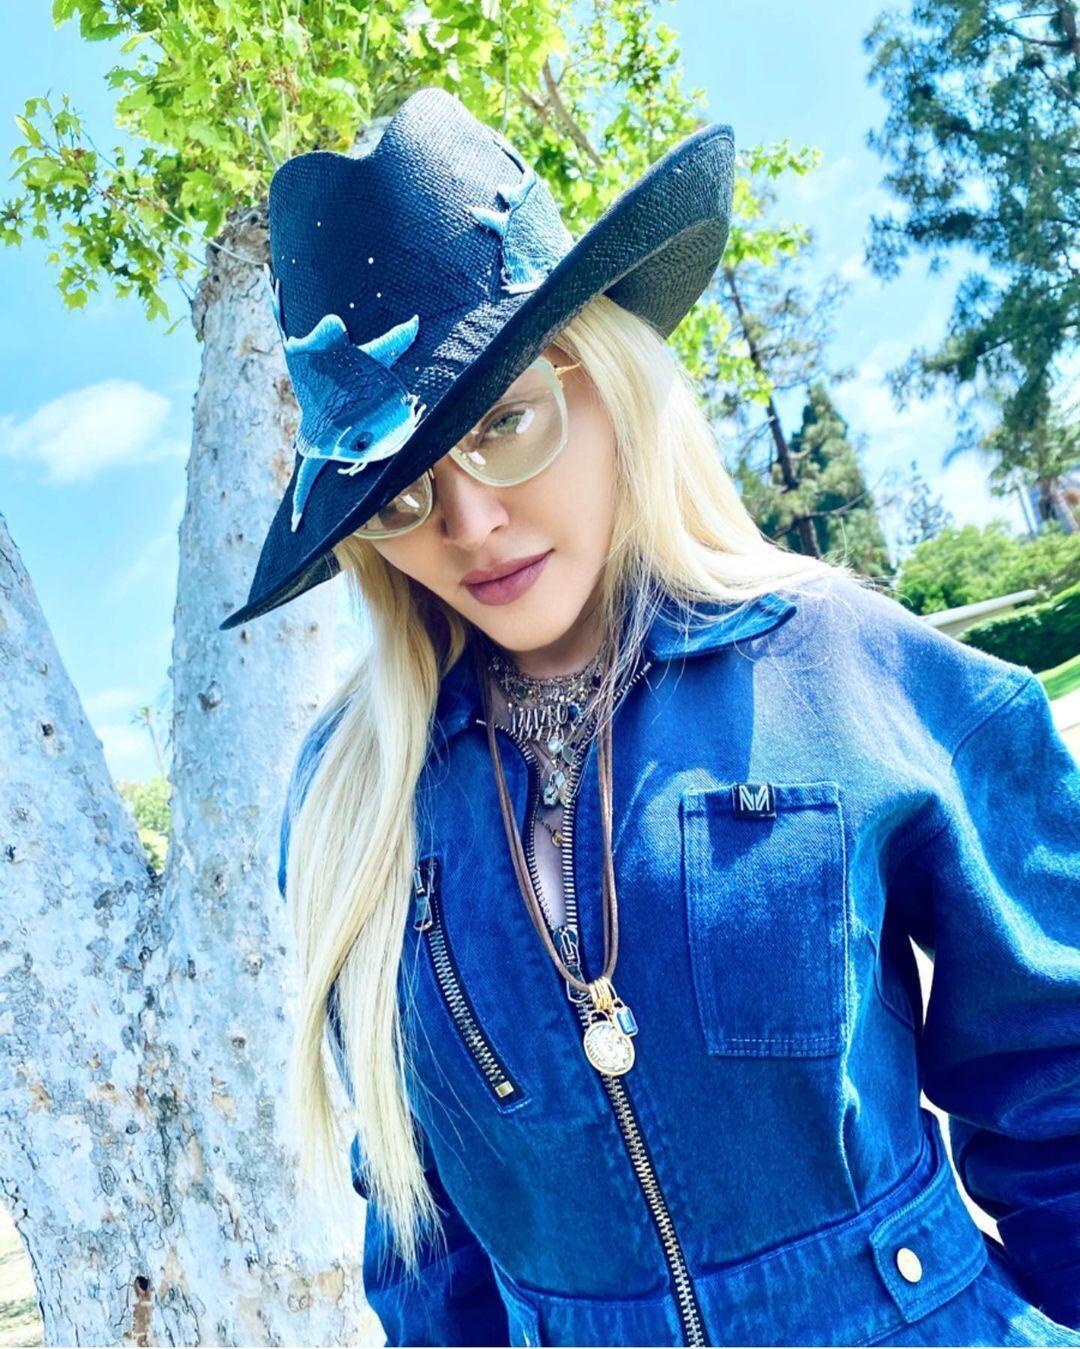 Мадонна в стильном джинсовом образе